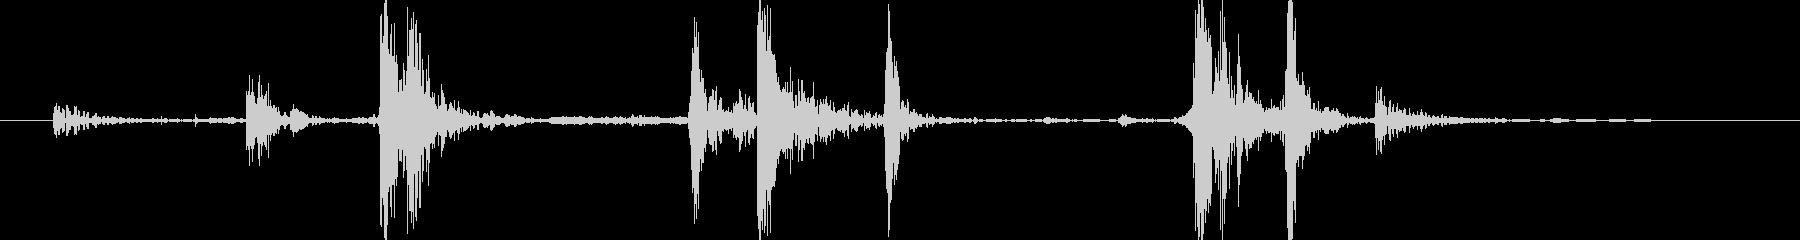 ドタン(木箱の蓋を閉じる)Aの未再生の波形